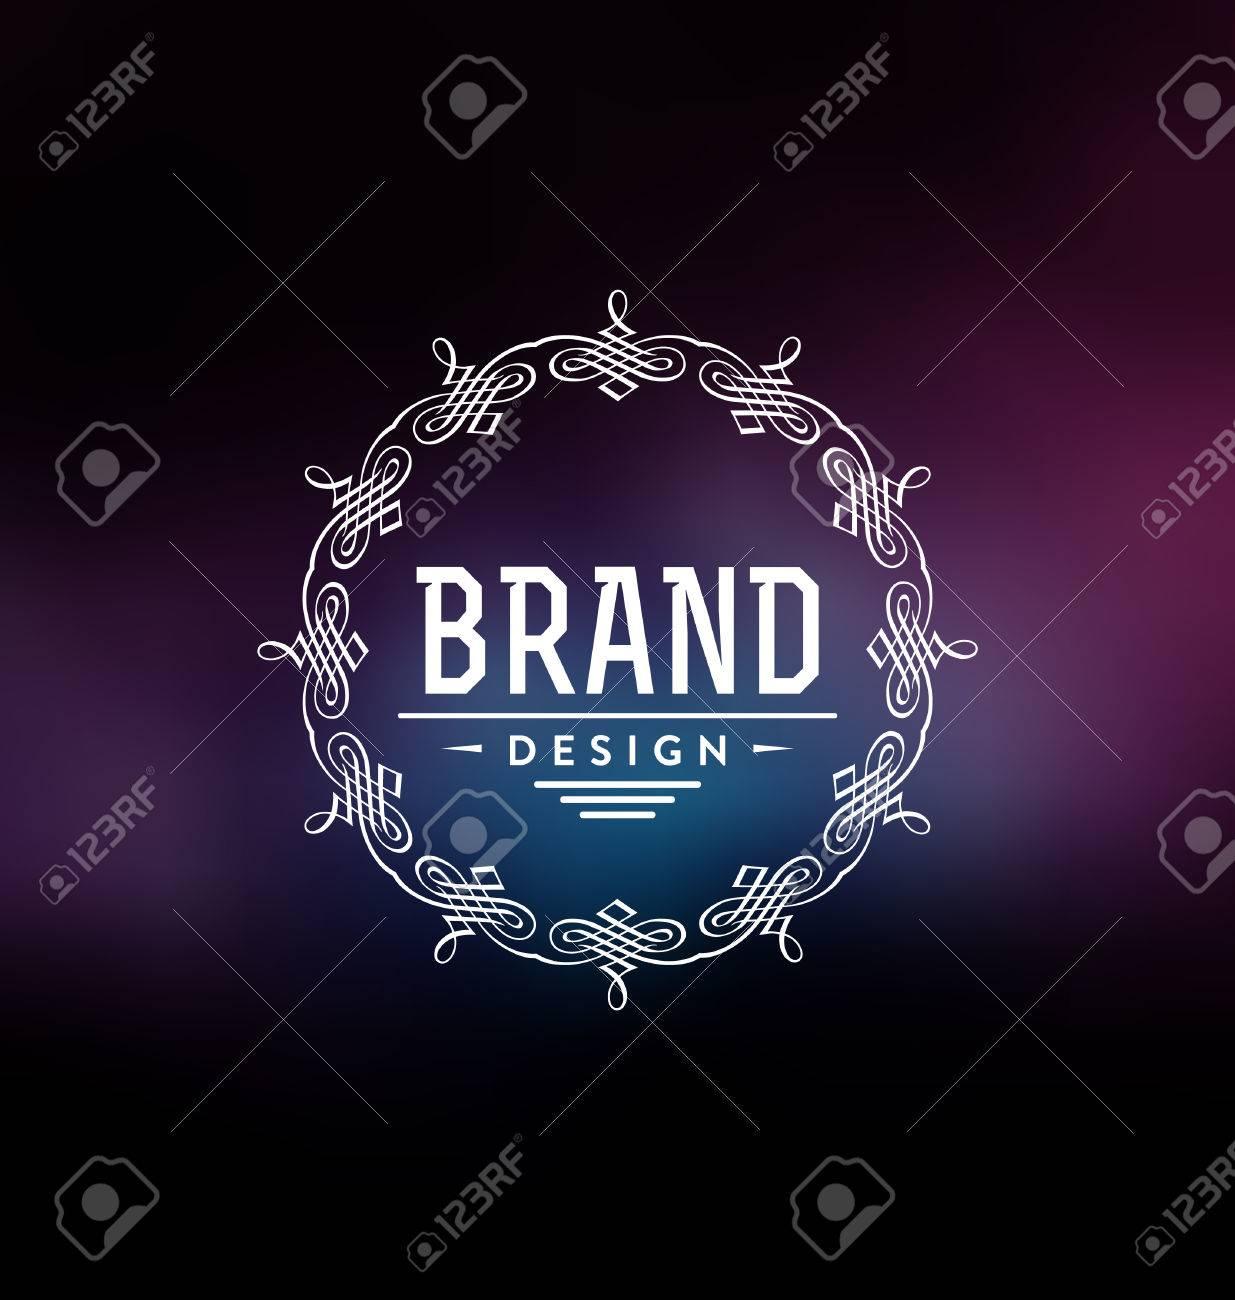 a0554bae05c6 Banque d images - Modèle de conception d étiquette calligraphique - Style  ornemental classique. Cadre élégant et typographie sur fond coloré élégant  - Logo ...